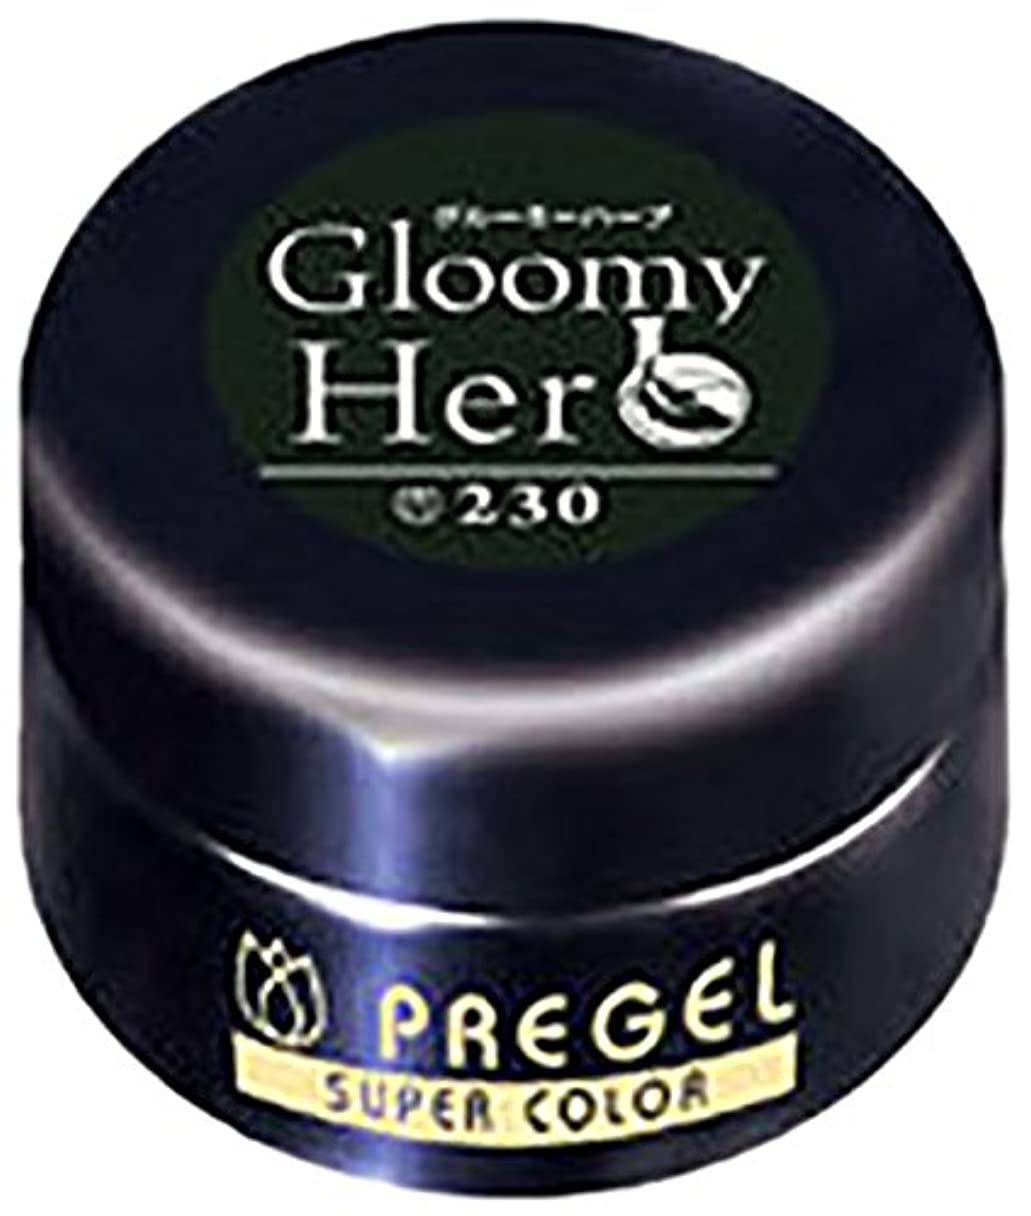 満足できる保証する失望させるプリジェル ジェルネイル スーパーカラーEX グルーミーハーブ 4g PG-SE230